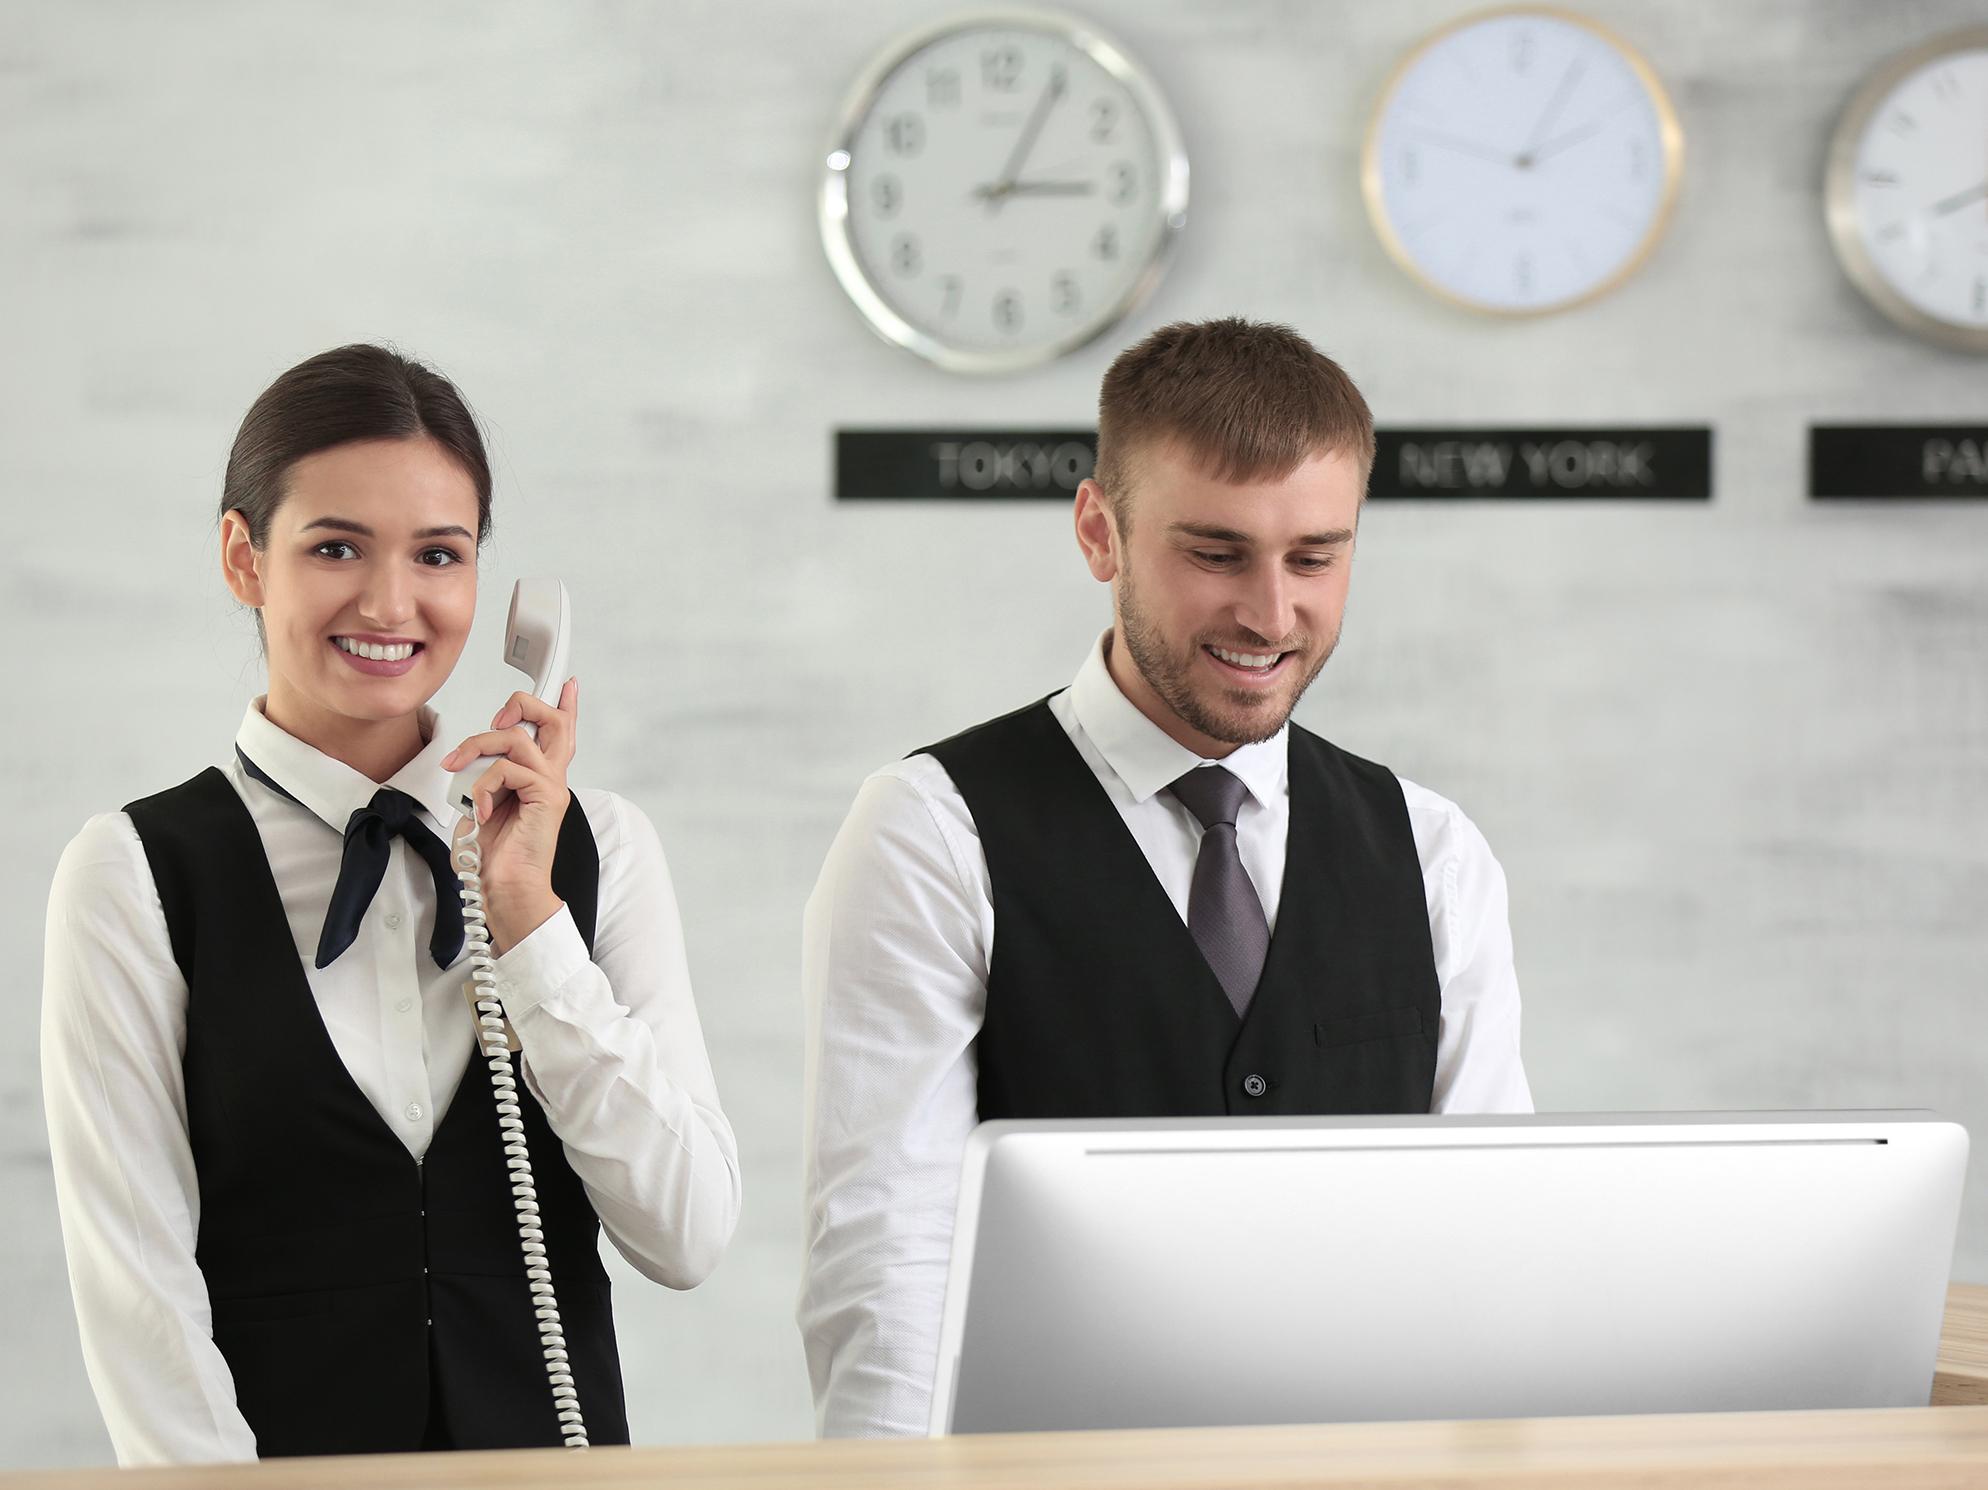 Zwei Hotelrezeptionisten bei der Arbeit